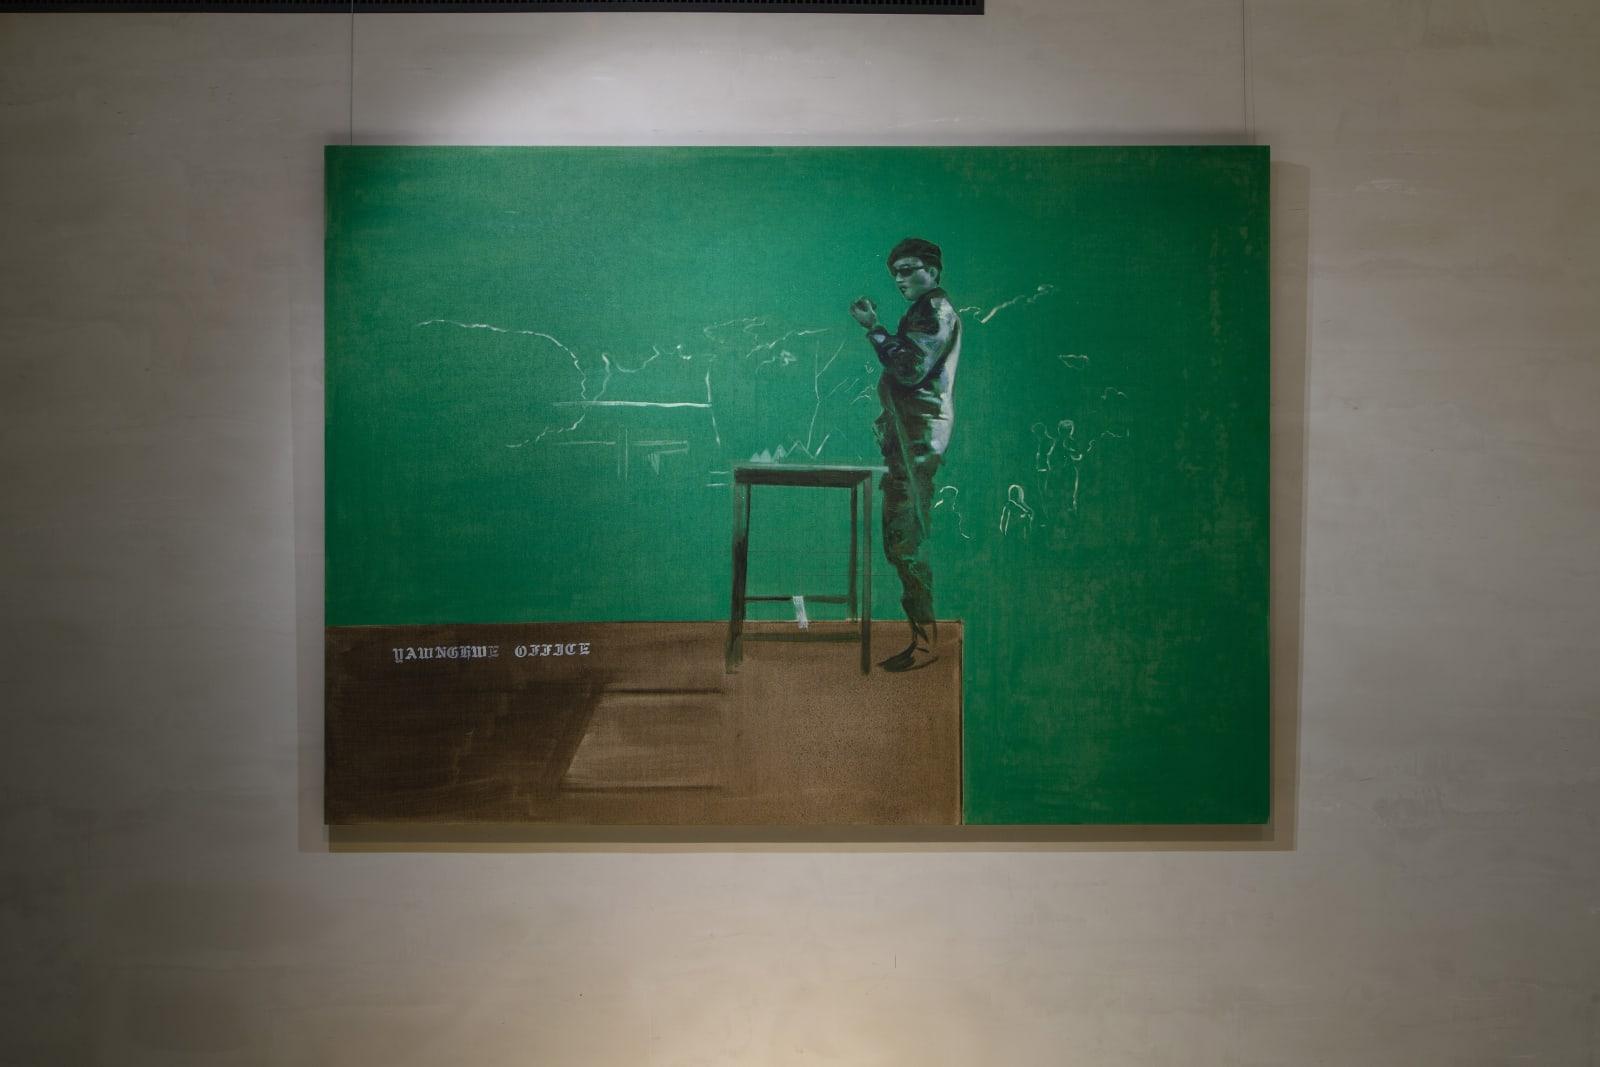 良瑞流亡辦公室|國家博物館:絕對反叛